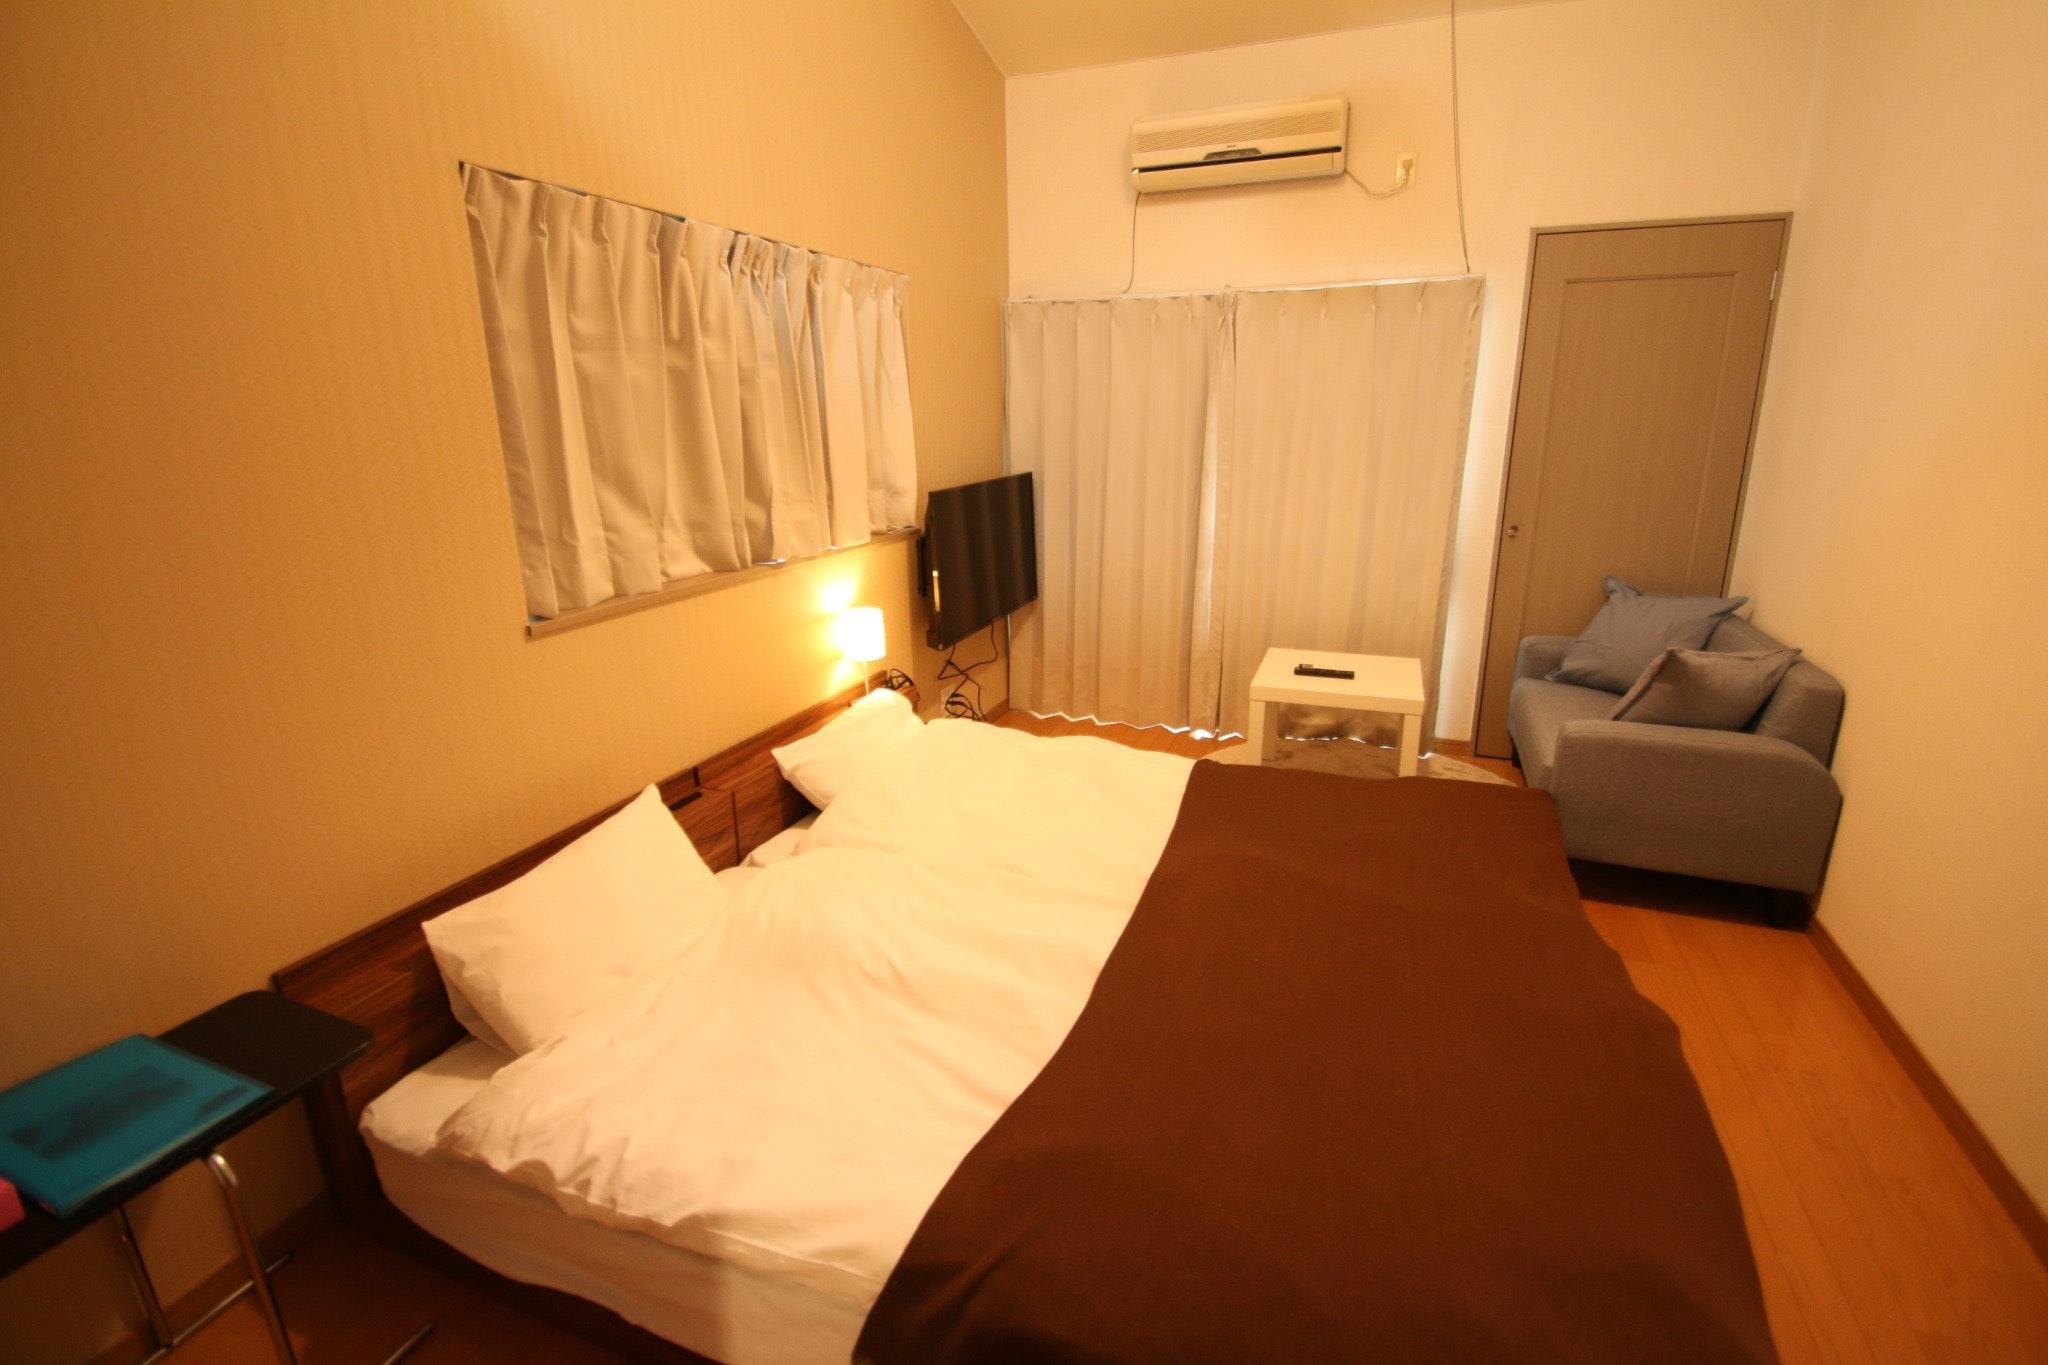 熊本市中心部にあるお部屋です。熊本城まで徒歩10分【エスポアール新町V】205号